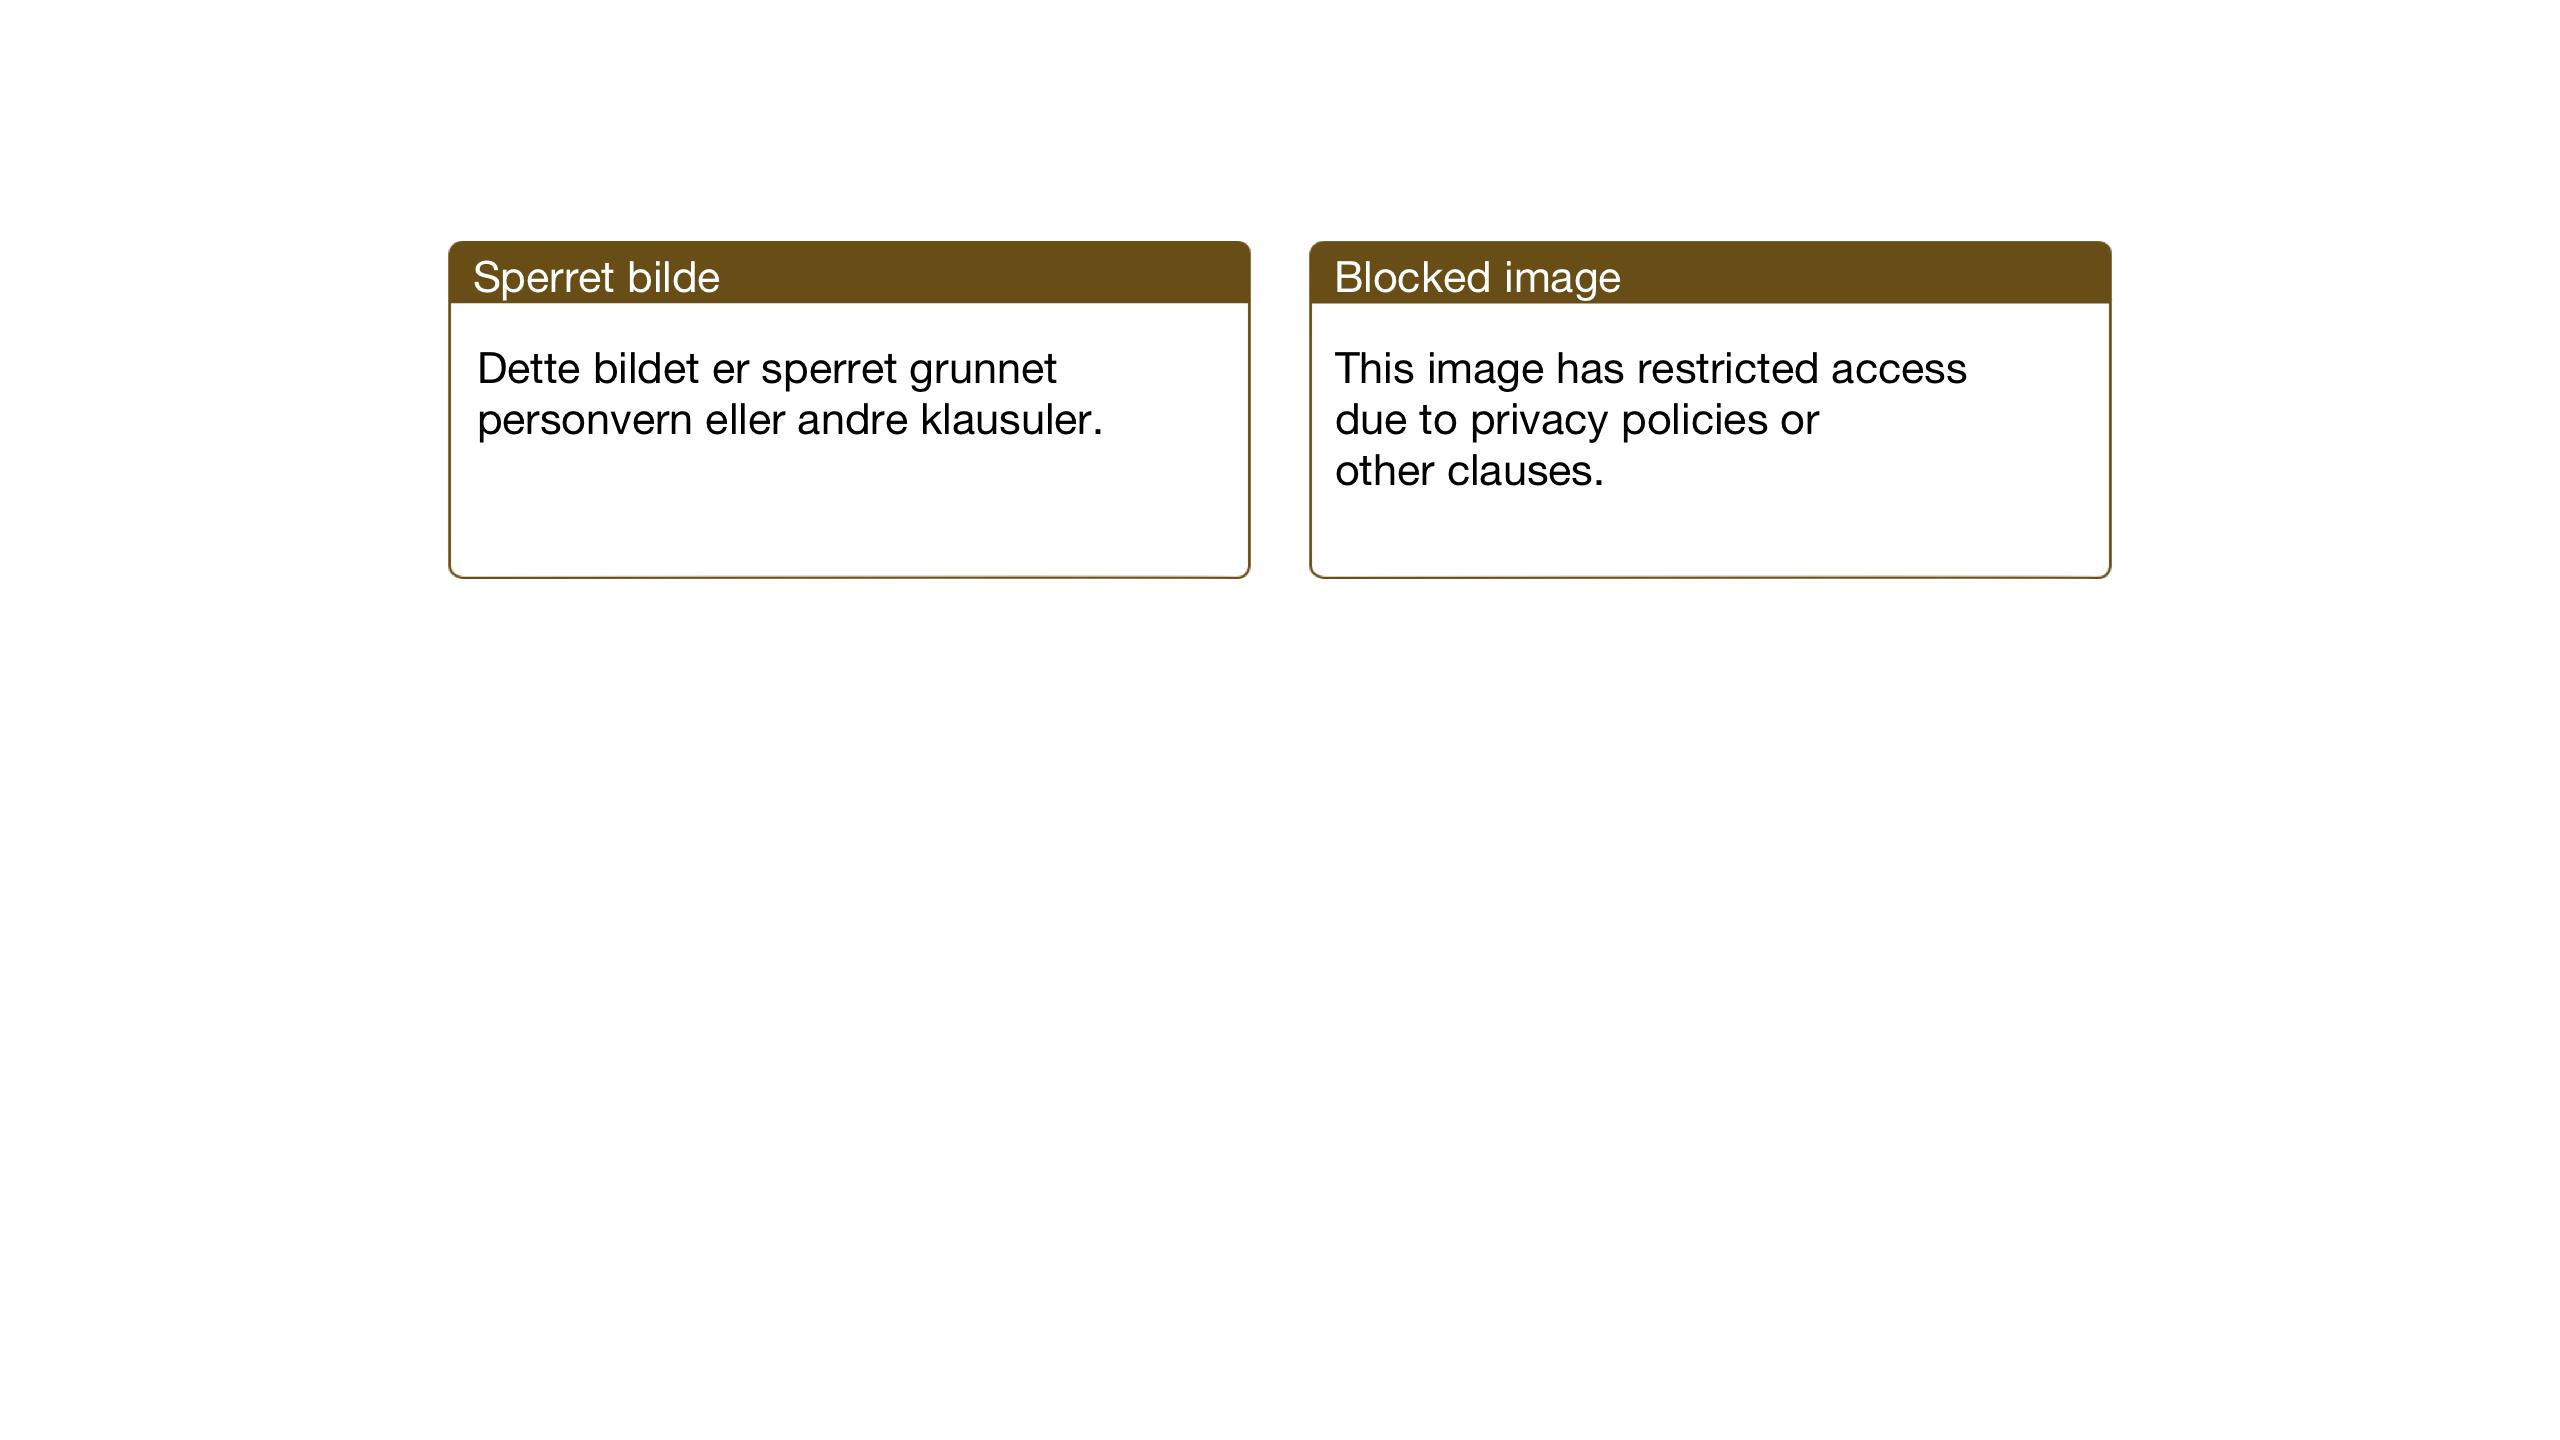 SAT, Ministerialprotokoller, klokkerbøker og fødselsregistre - Sør-Trøndelag, 698/L1169: Klokkerbok nr. 698C06, 1930-1949, s. 137